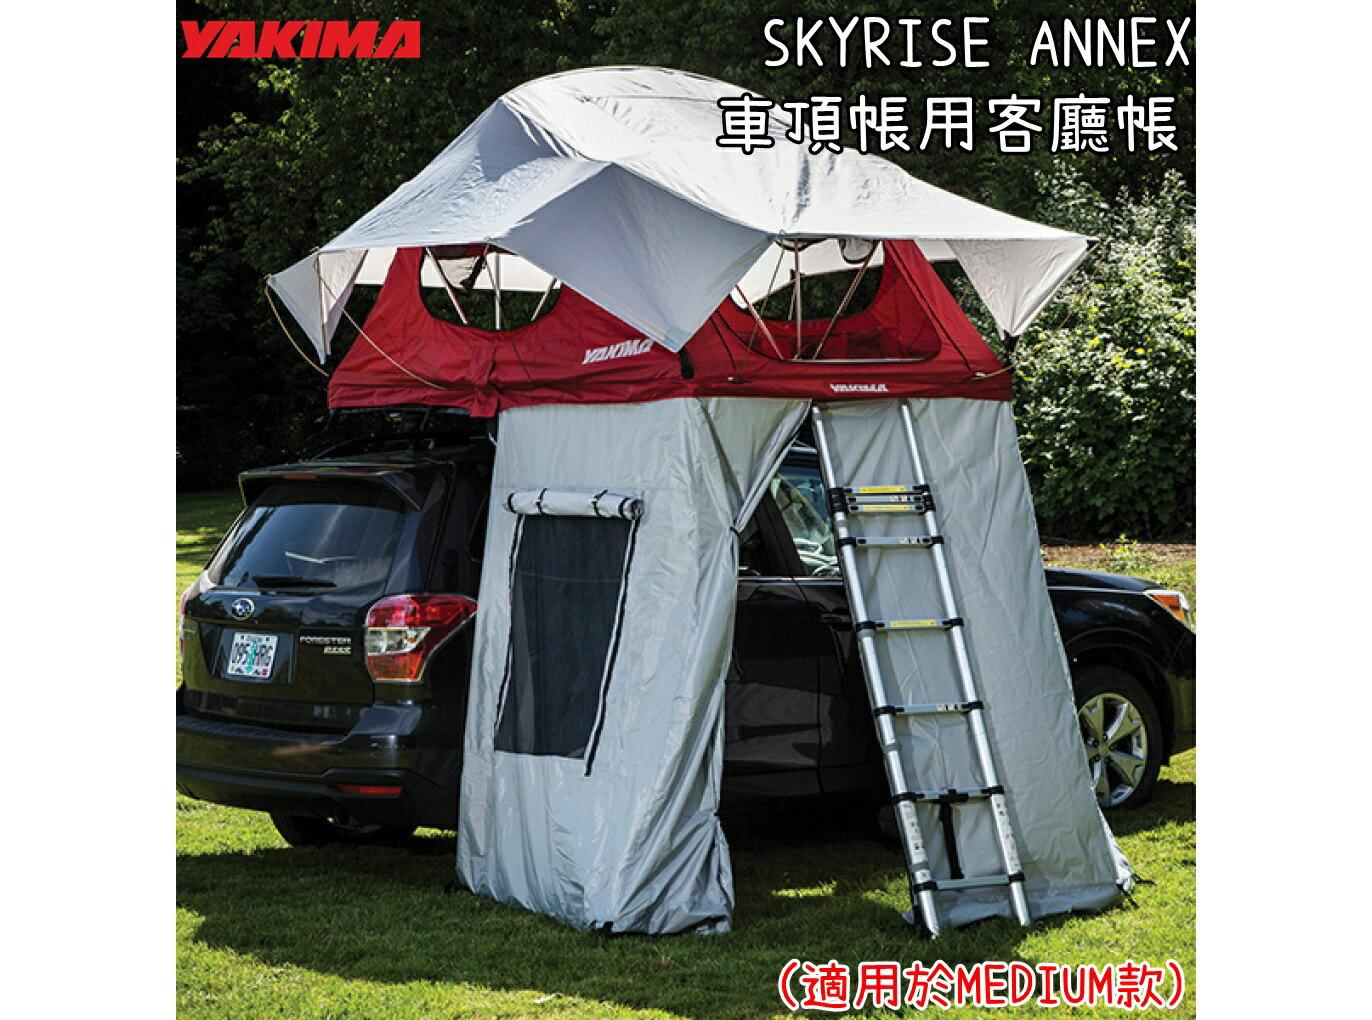 【野道家】YAKIMA SKYRISE ANNEX車頂帳用客廳帳(適用於MEDIUM) #KTHB0020